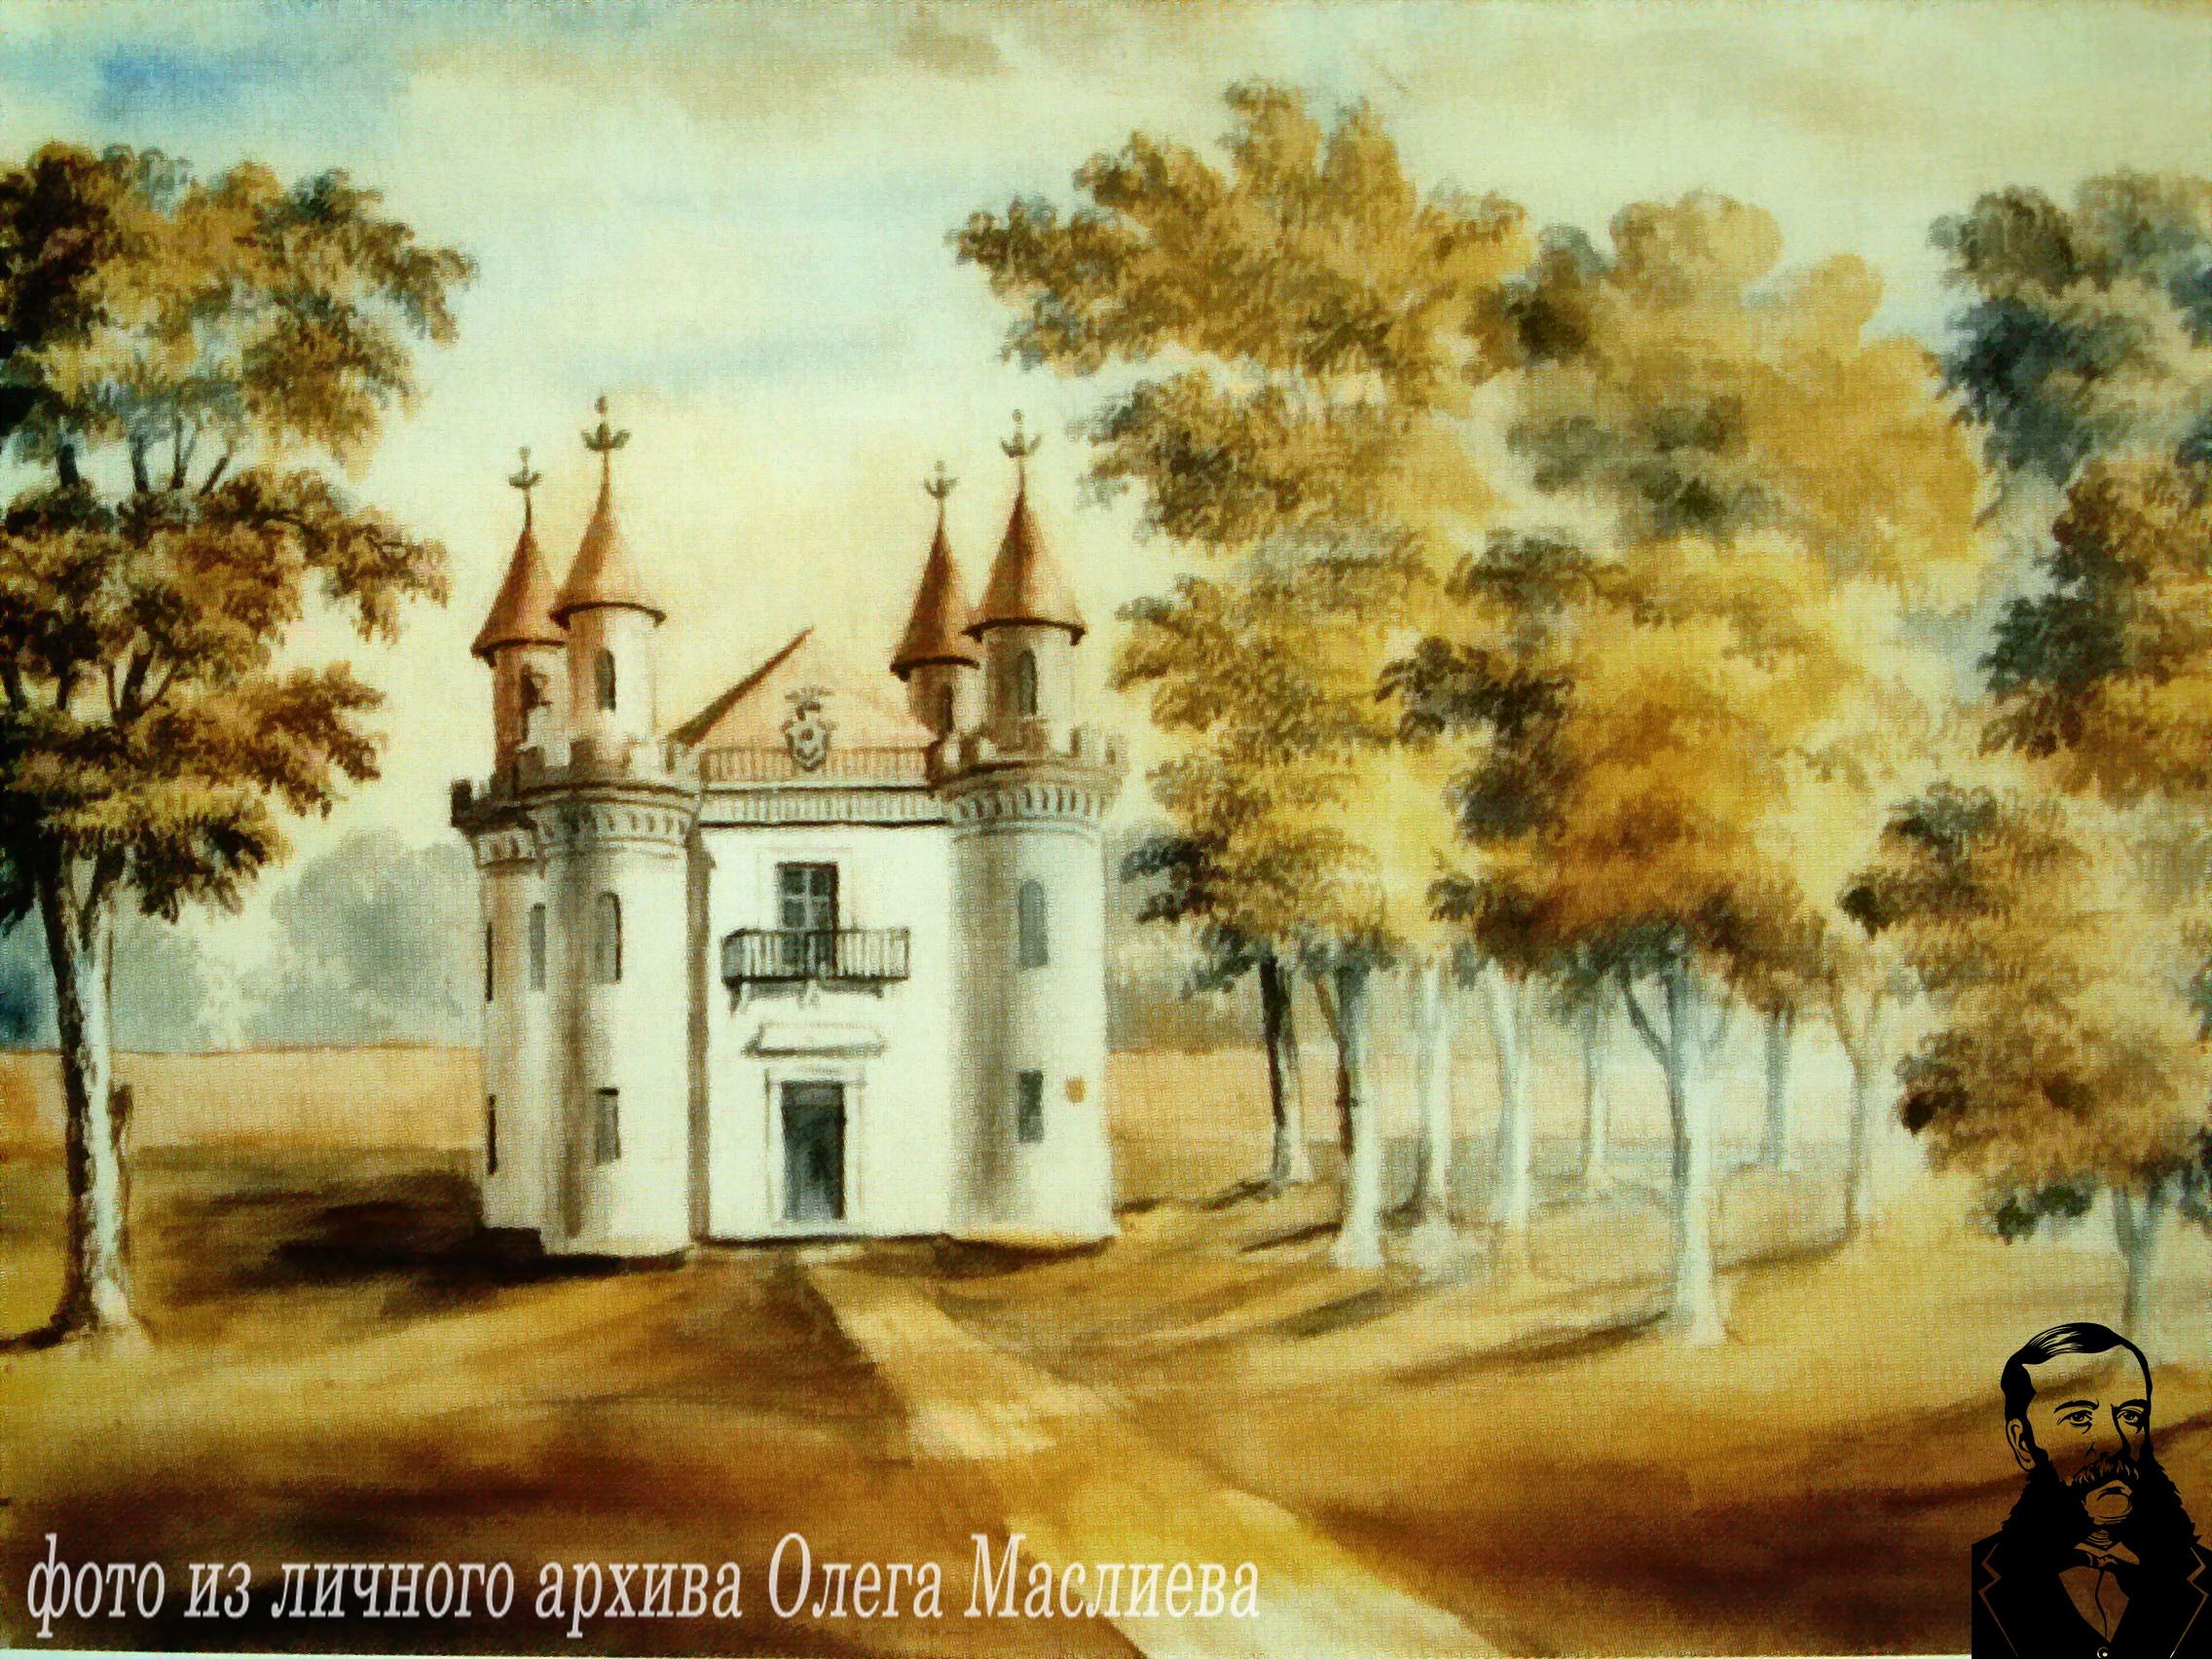 Усадьба Чапских в Станьково. Сокровищница. Рисунок Наполеона Орды.